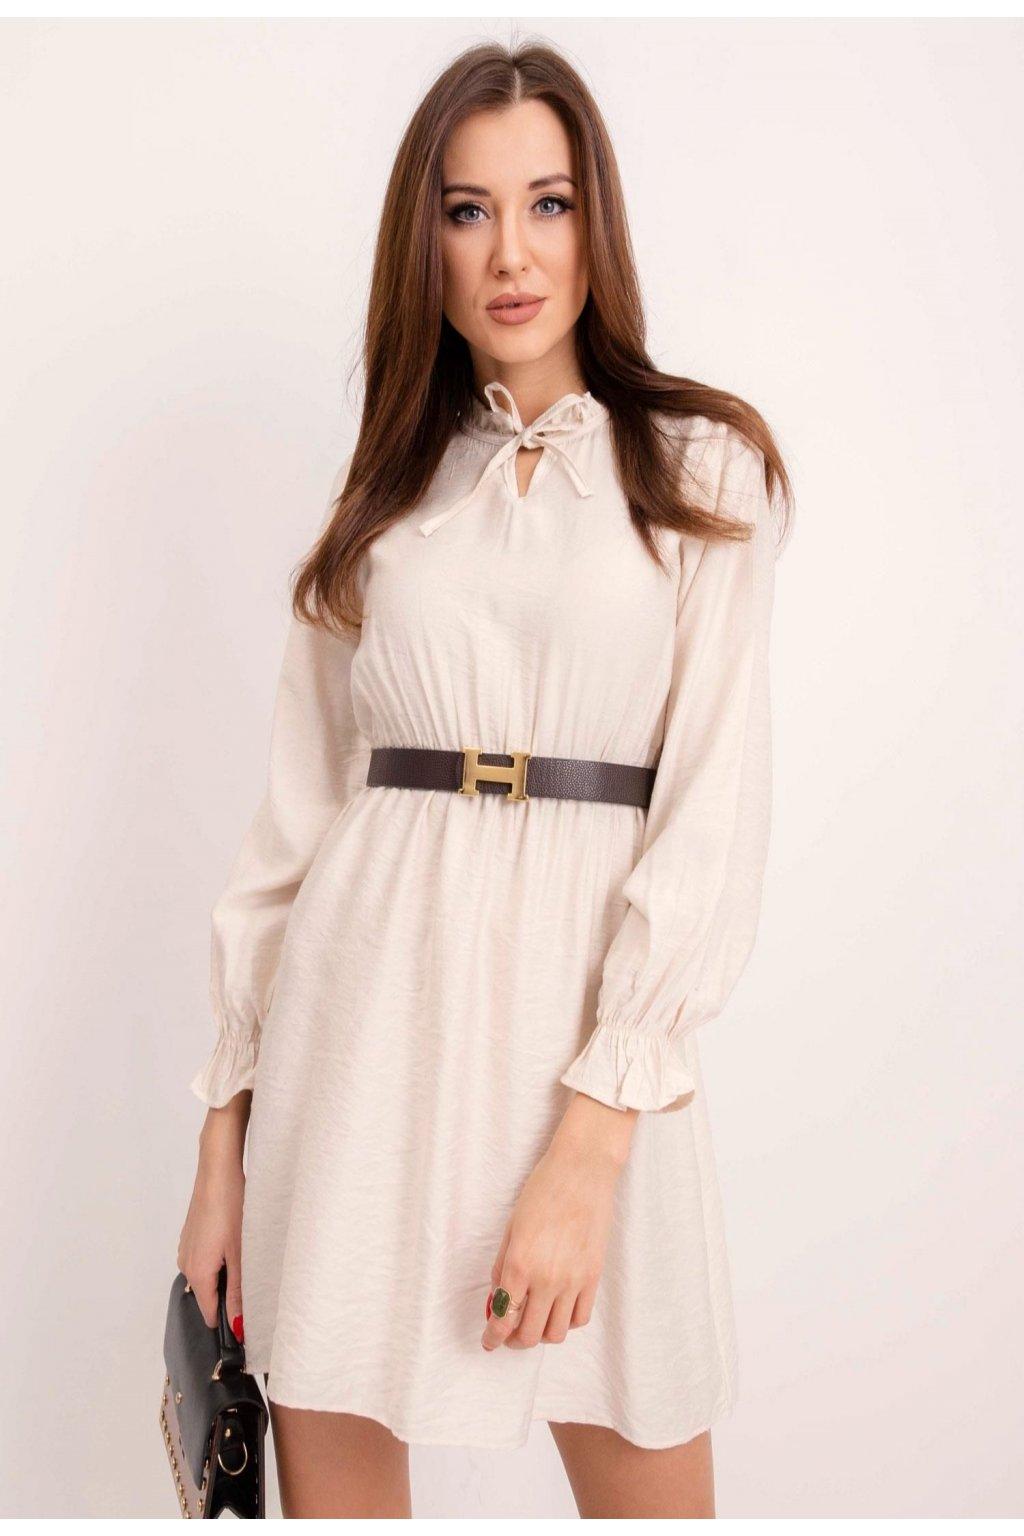 Ecrové dámske šaty